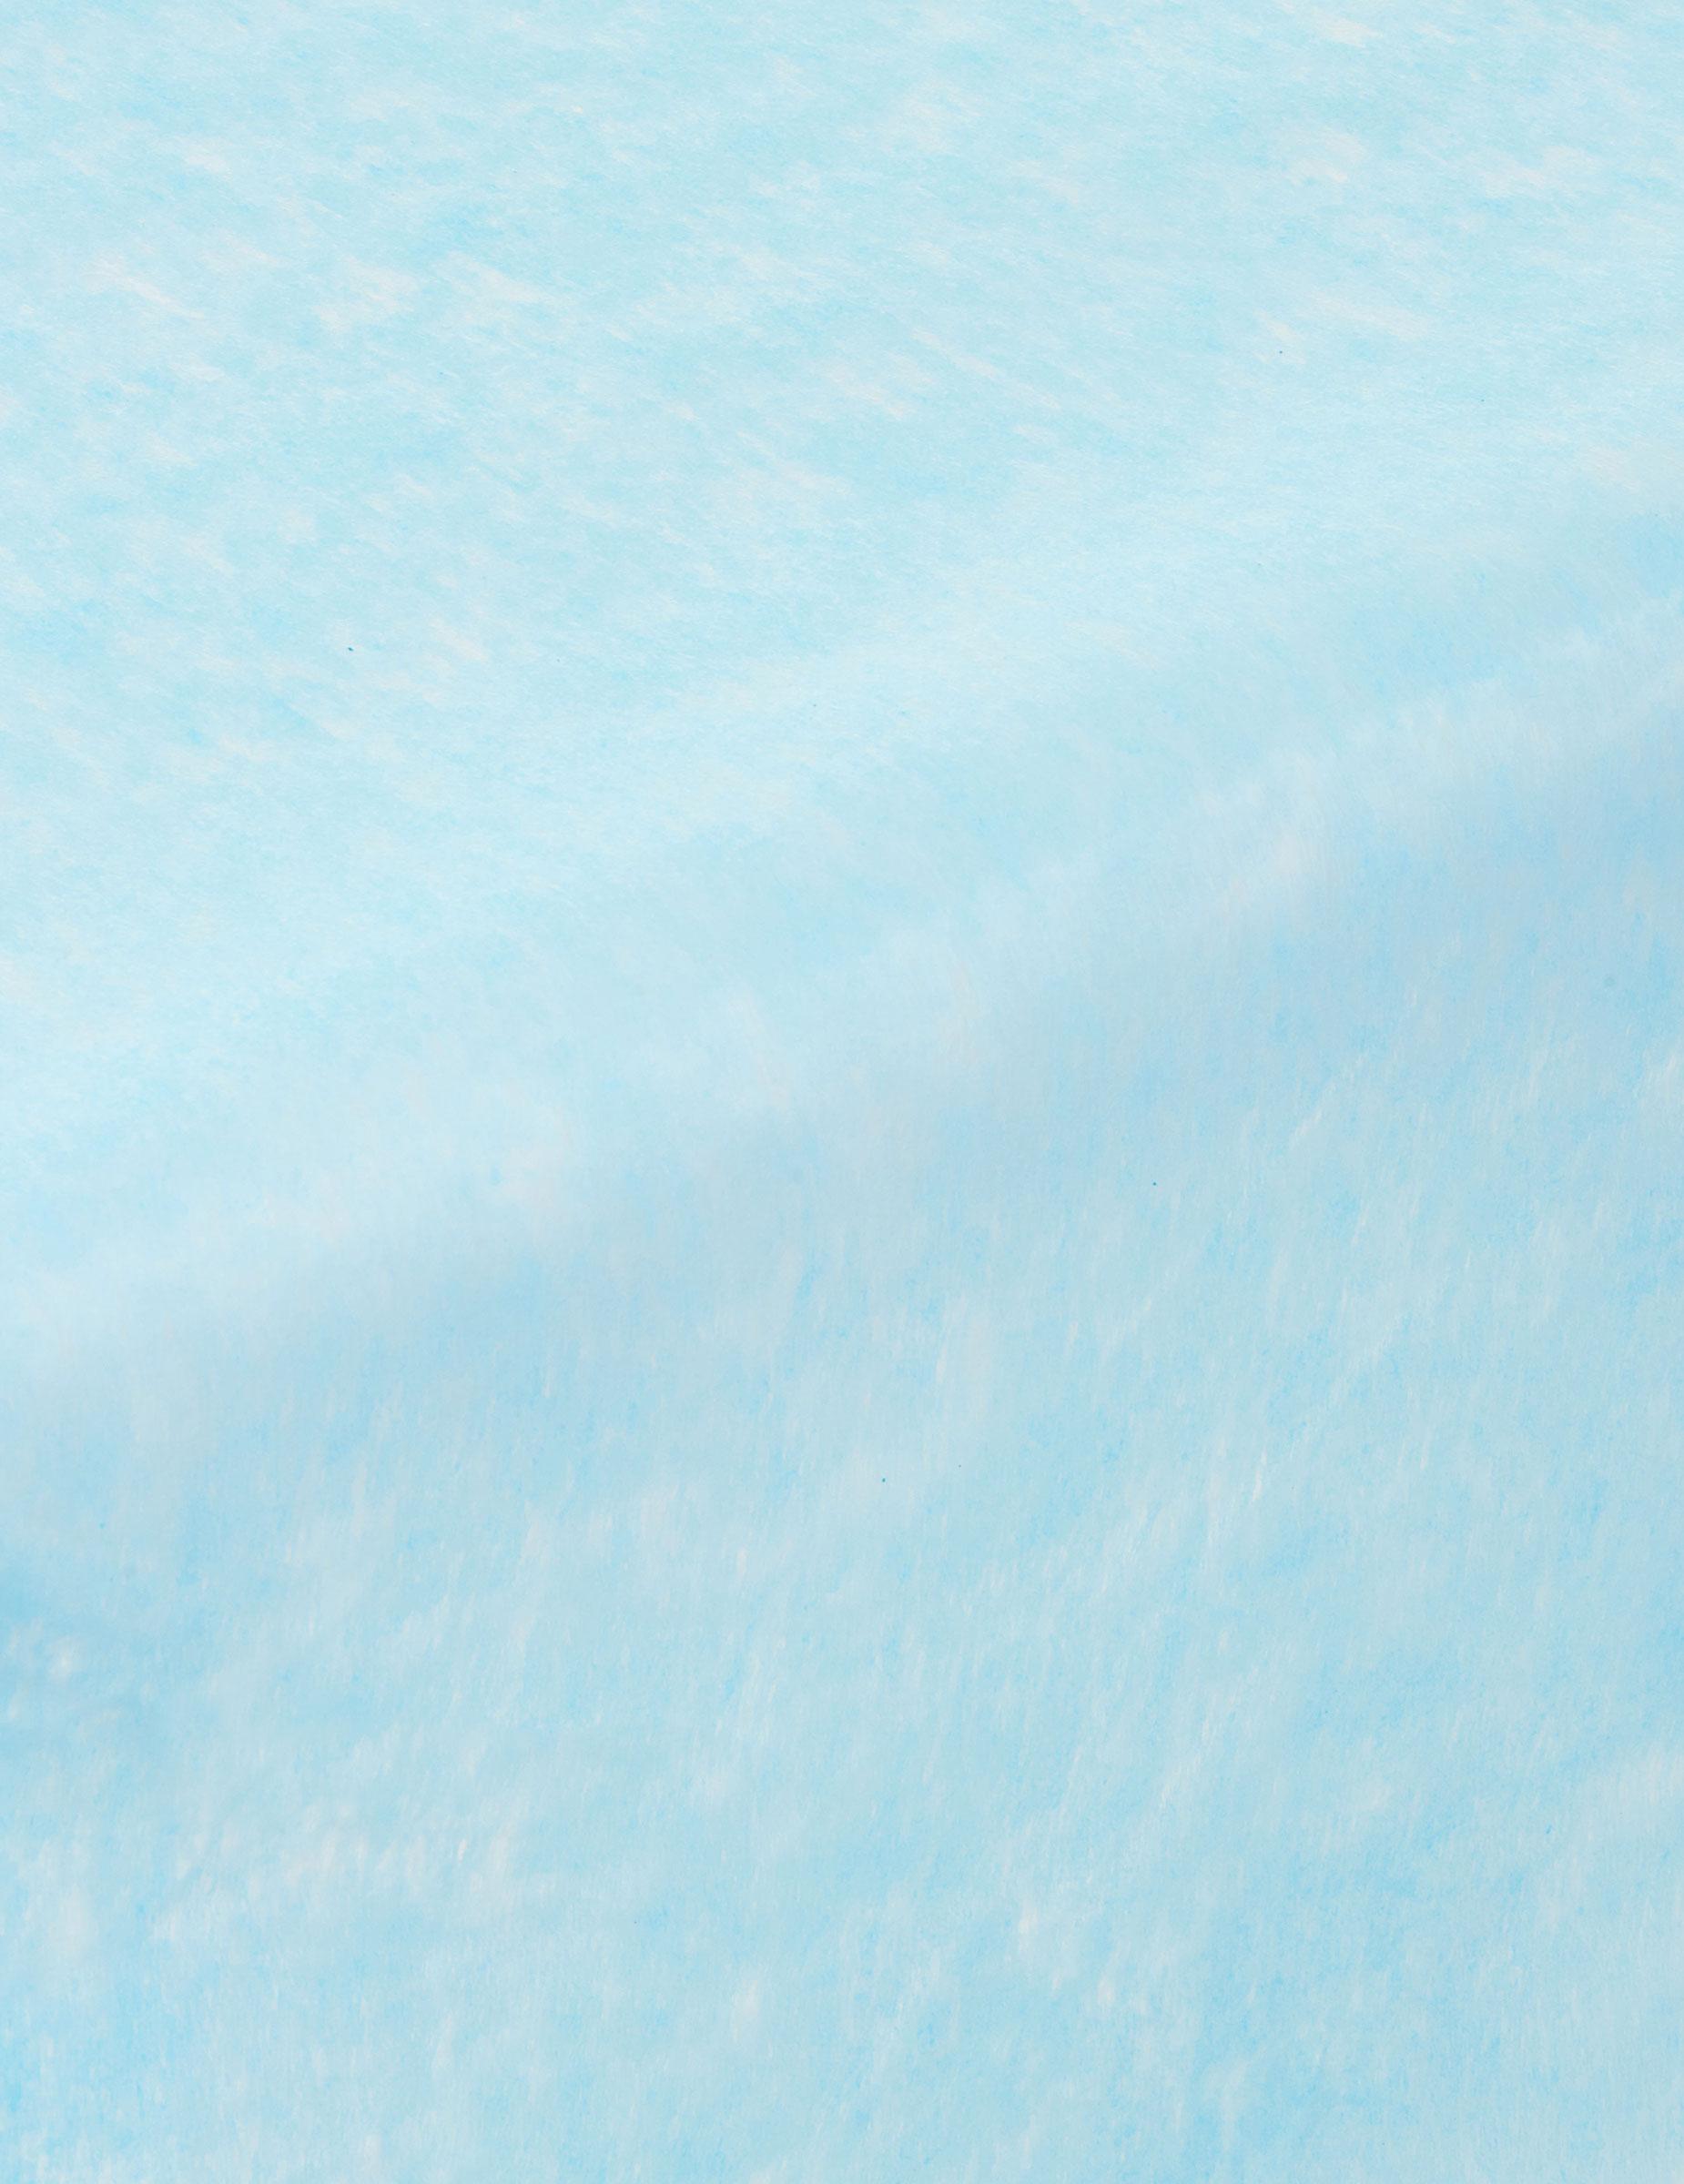 nappe intiss e bleu ciel en rouleau 10 m d coration anniversaire et f tes th me sur vegaoo party. Black Bedroom Furniture Sets. Home Design Ideas